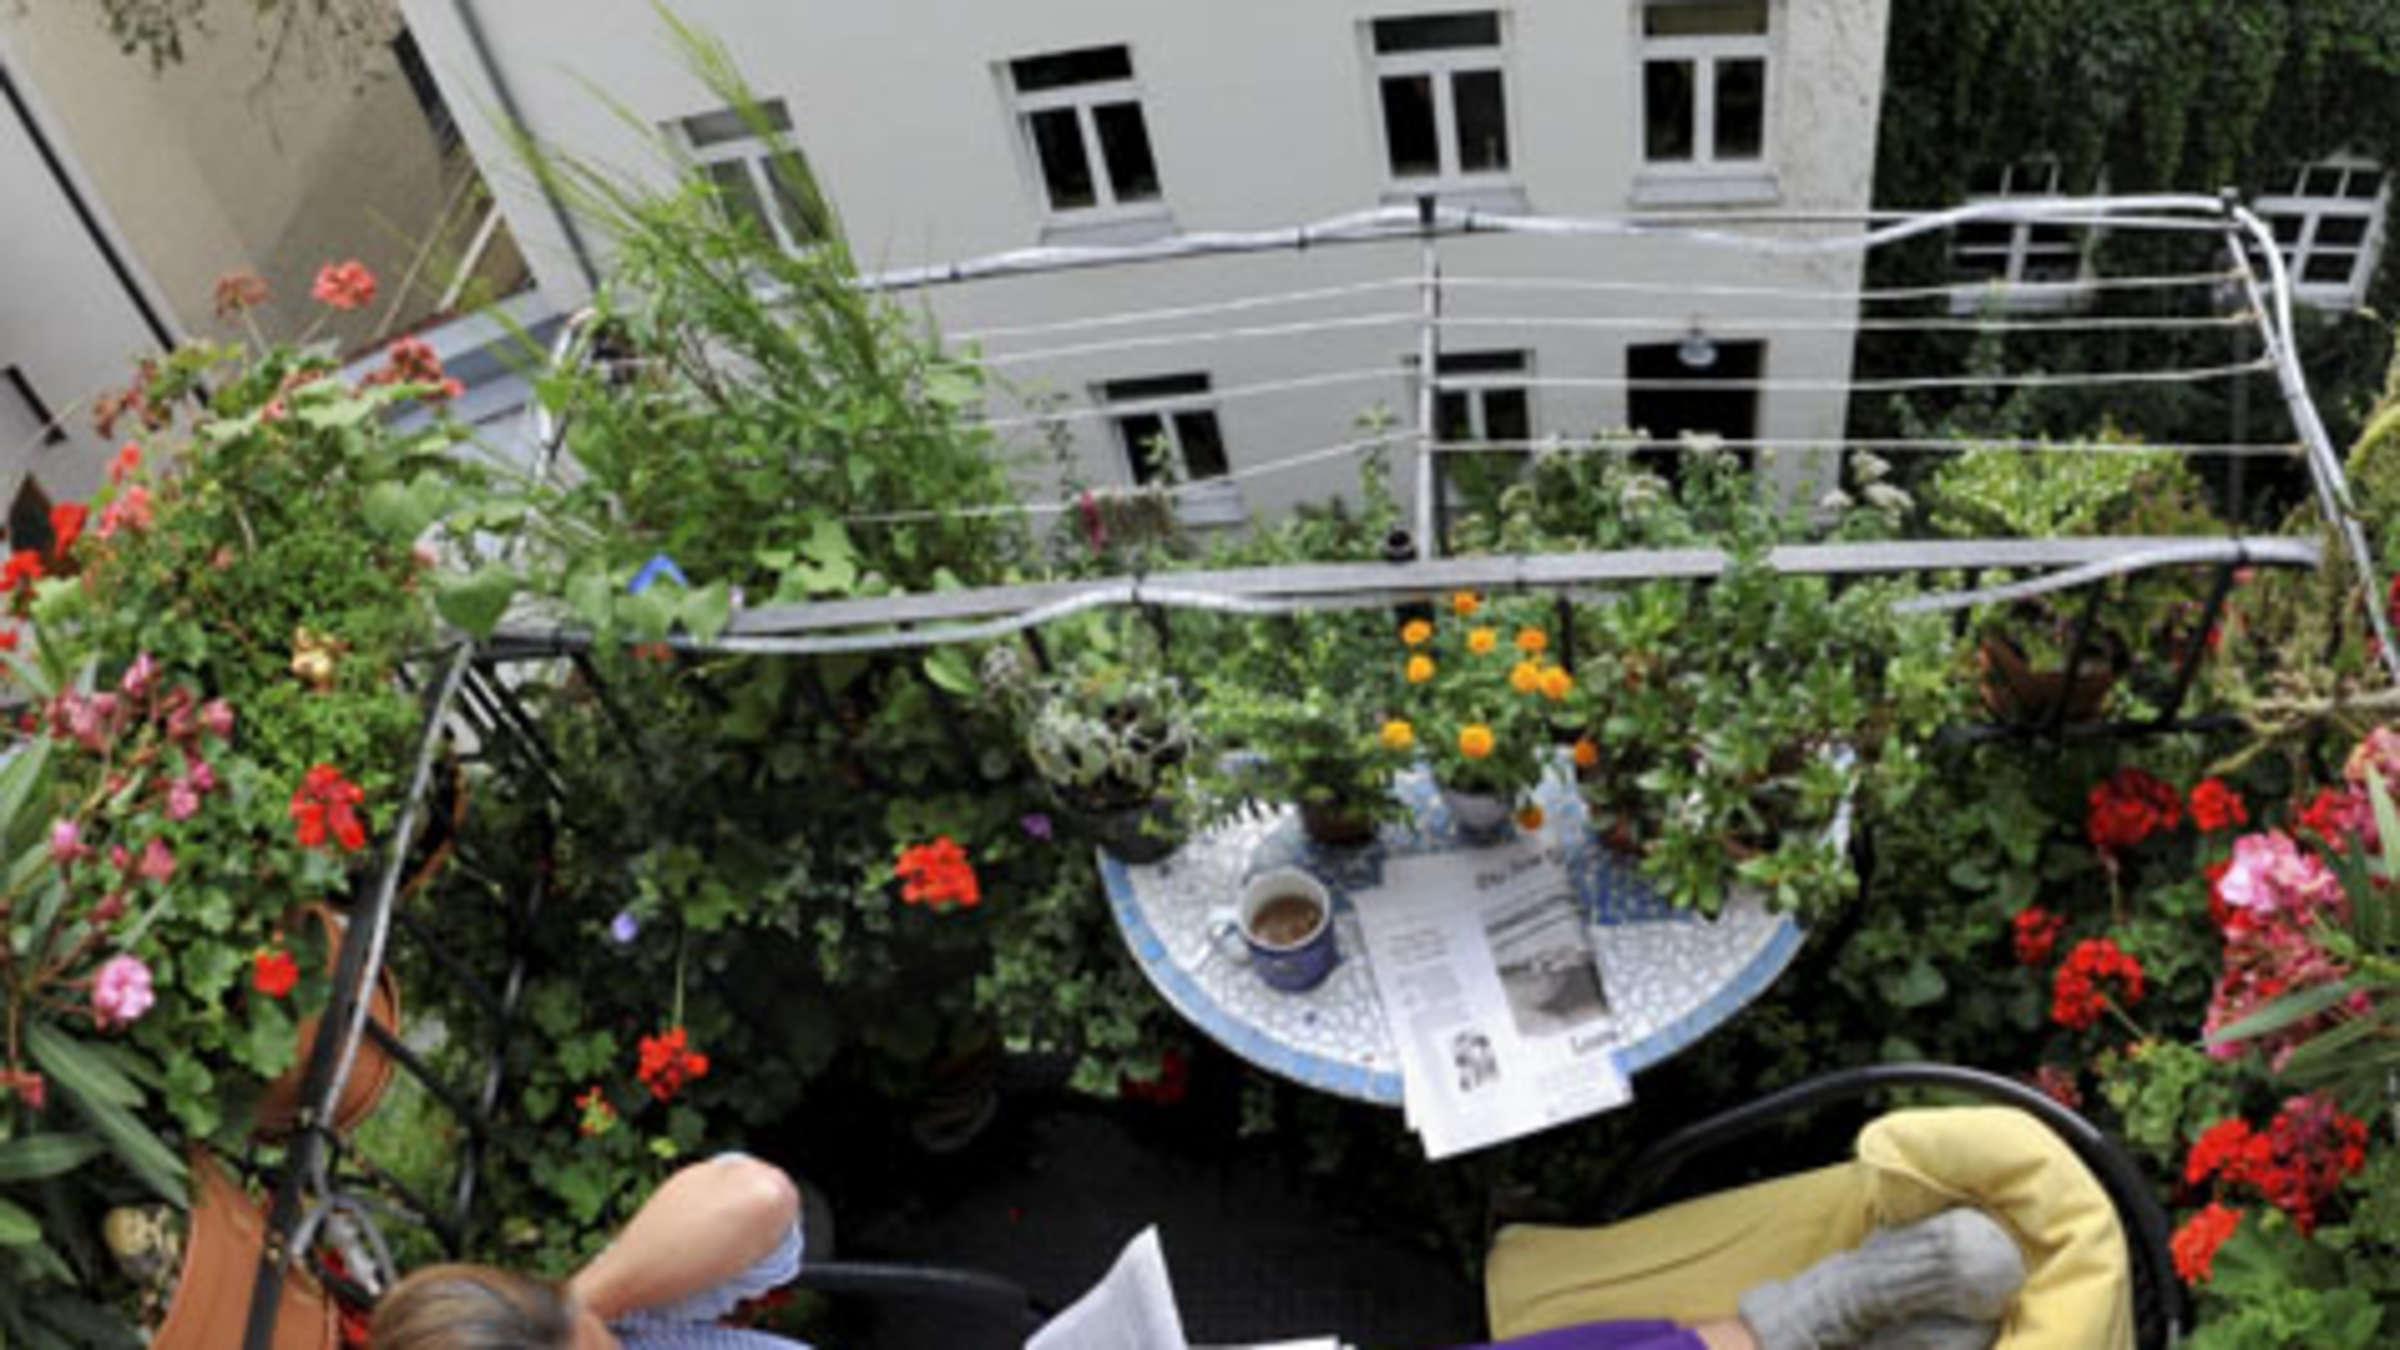 Mieterrechte Auf Dem Balkon Wohnen